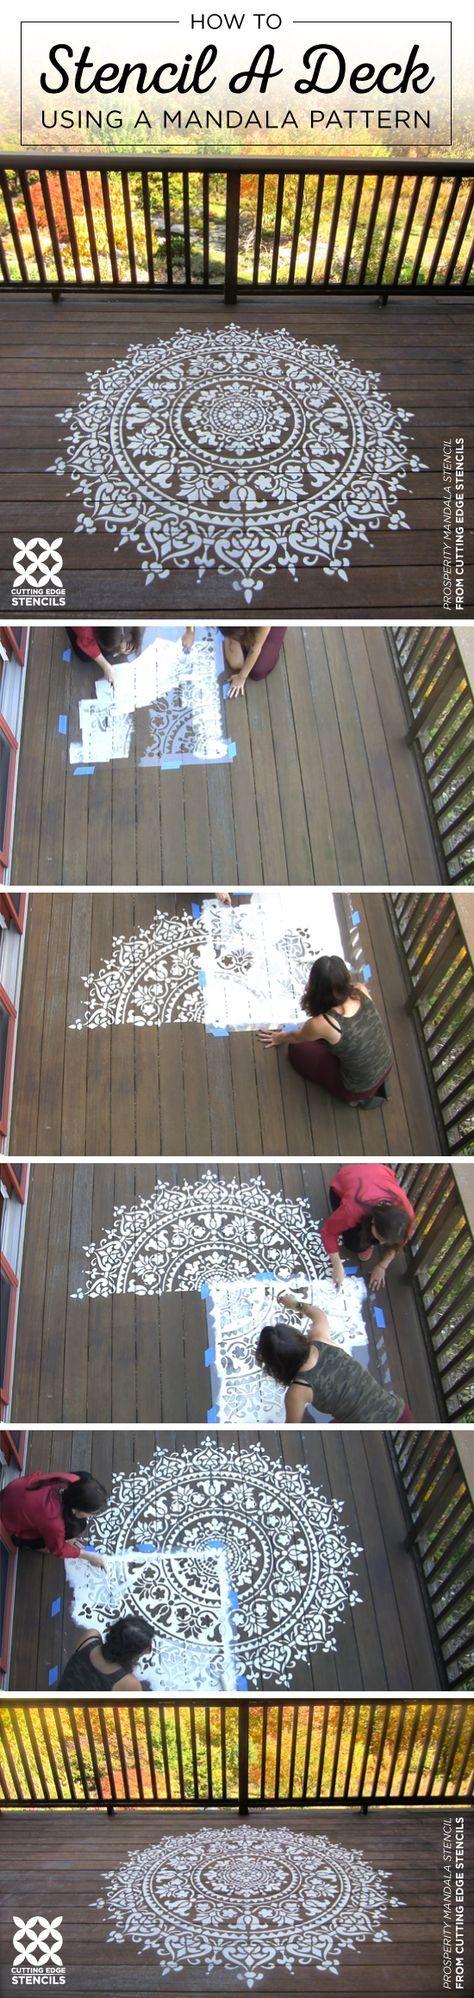 How To Stencil A Deck Using A Mandala Pattern | Holzdielen, Gärten ...